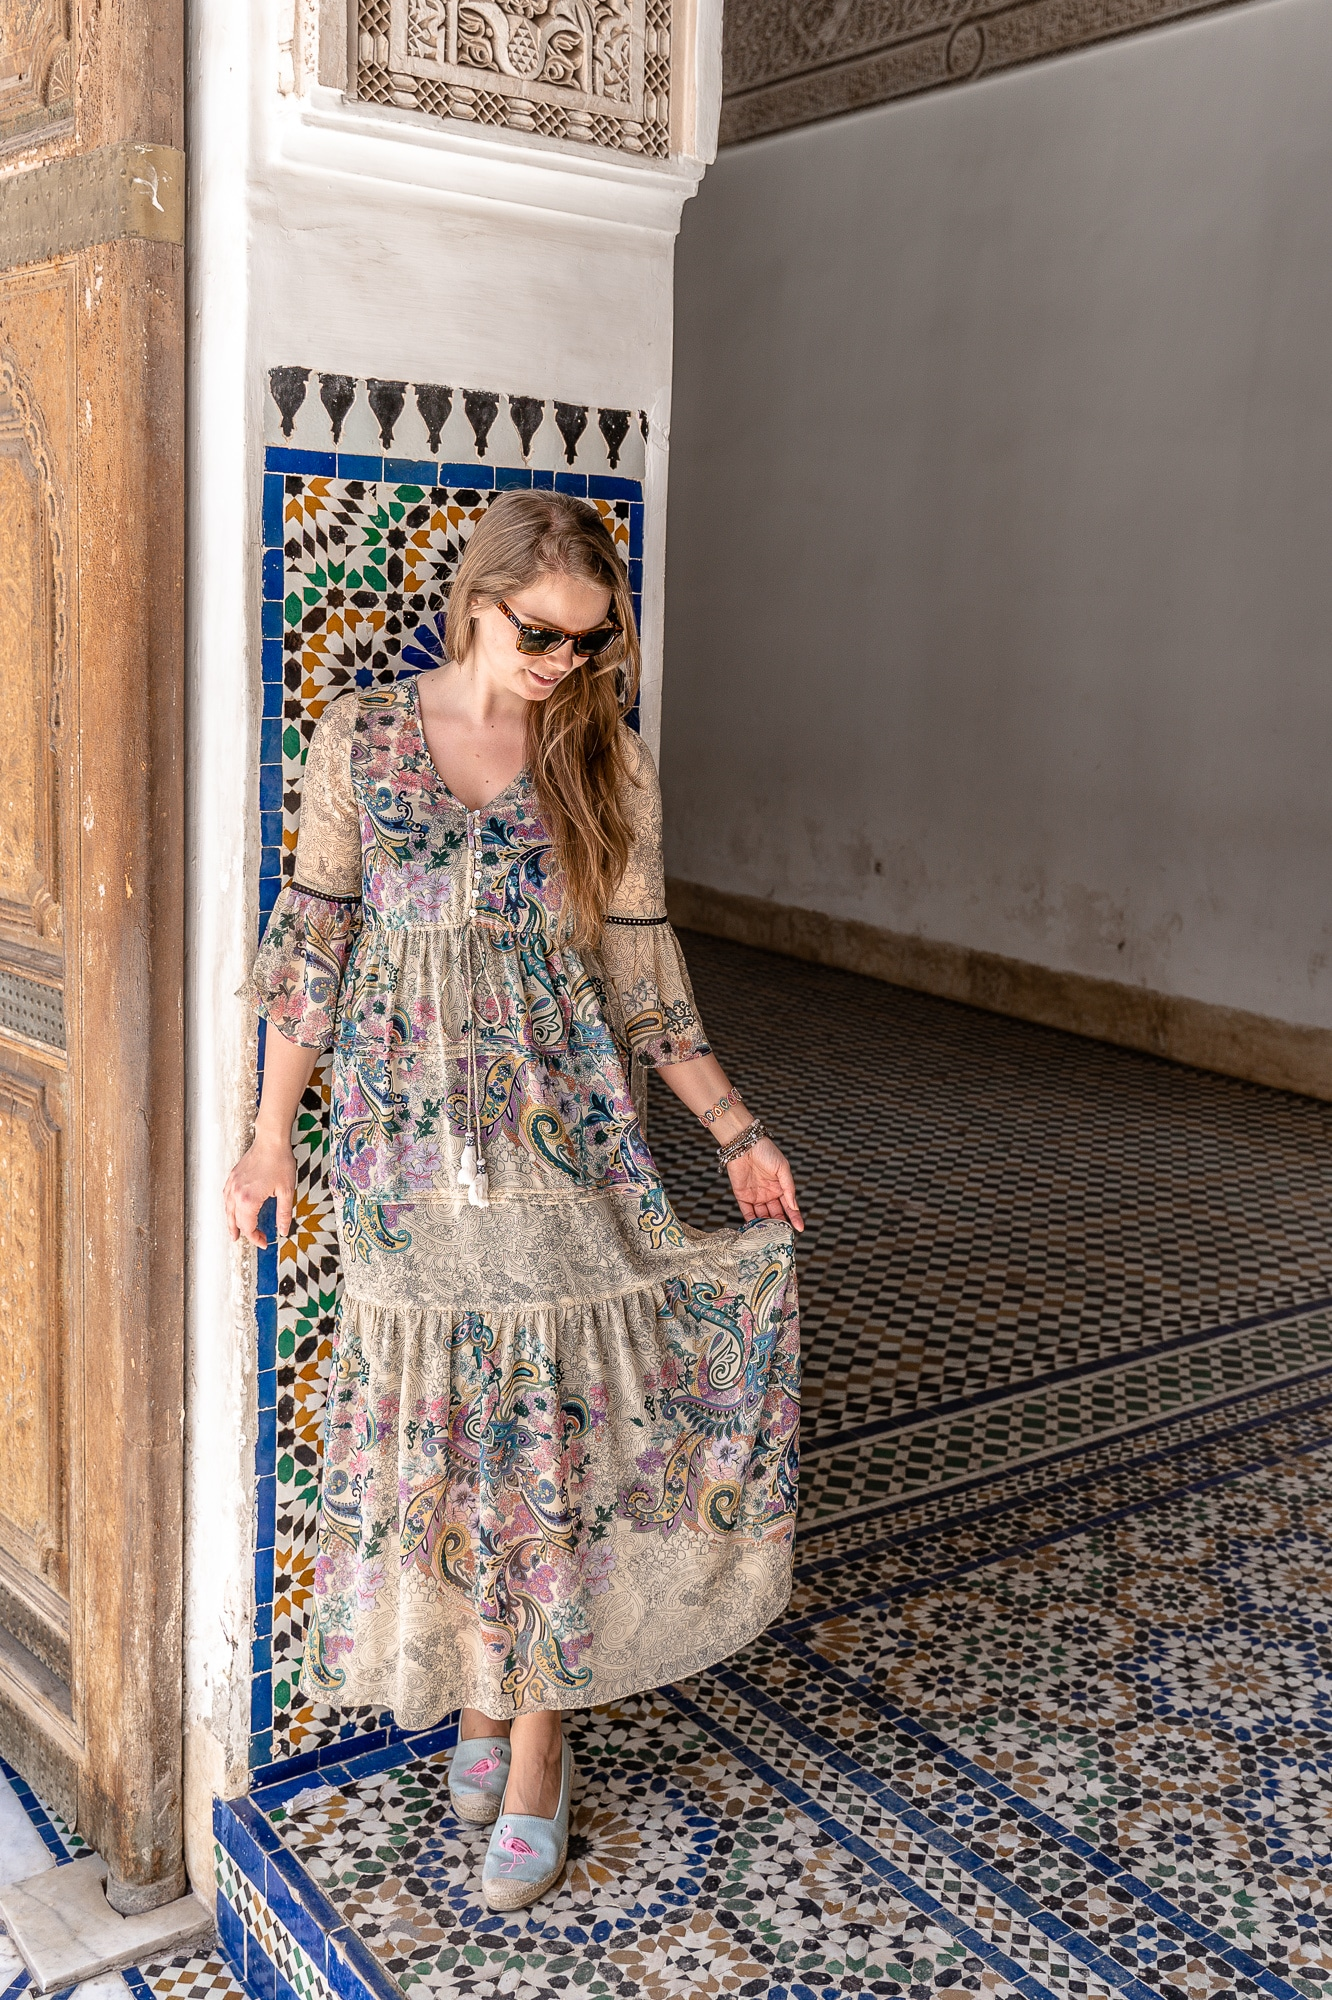 Top Ten Marrakesch Sehenswürdigkeiten - meine Marrakesch Highlights: Bahia Palast